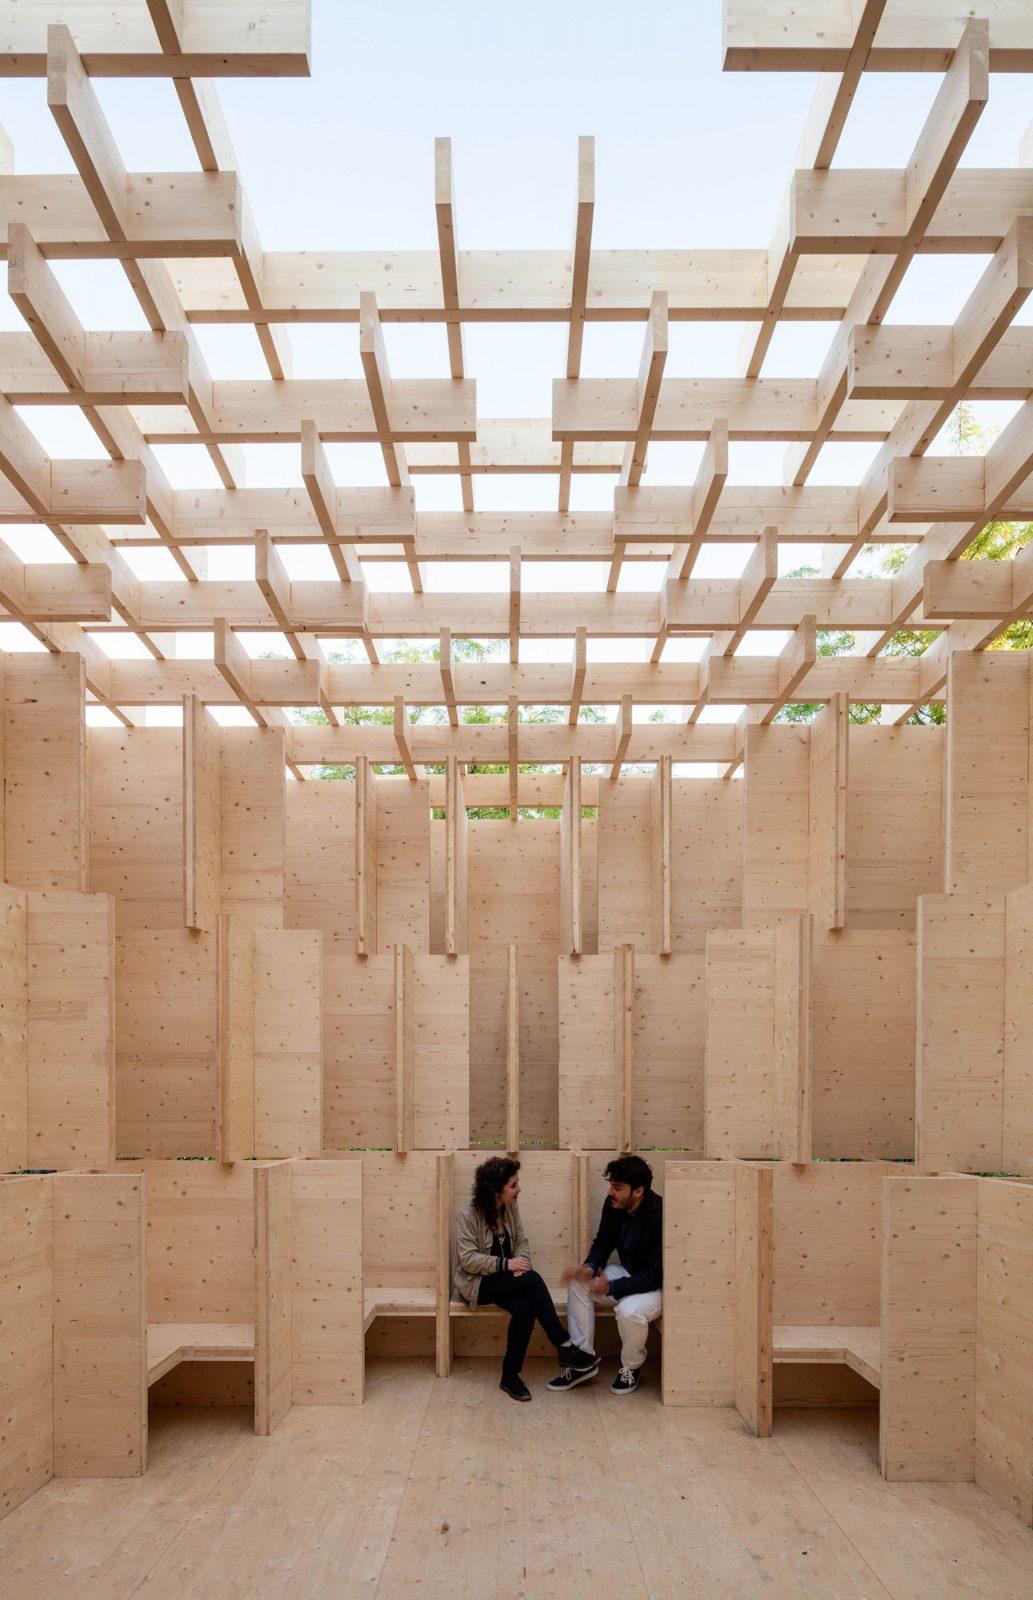 KjellanderSjober The Forests of Venice interior